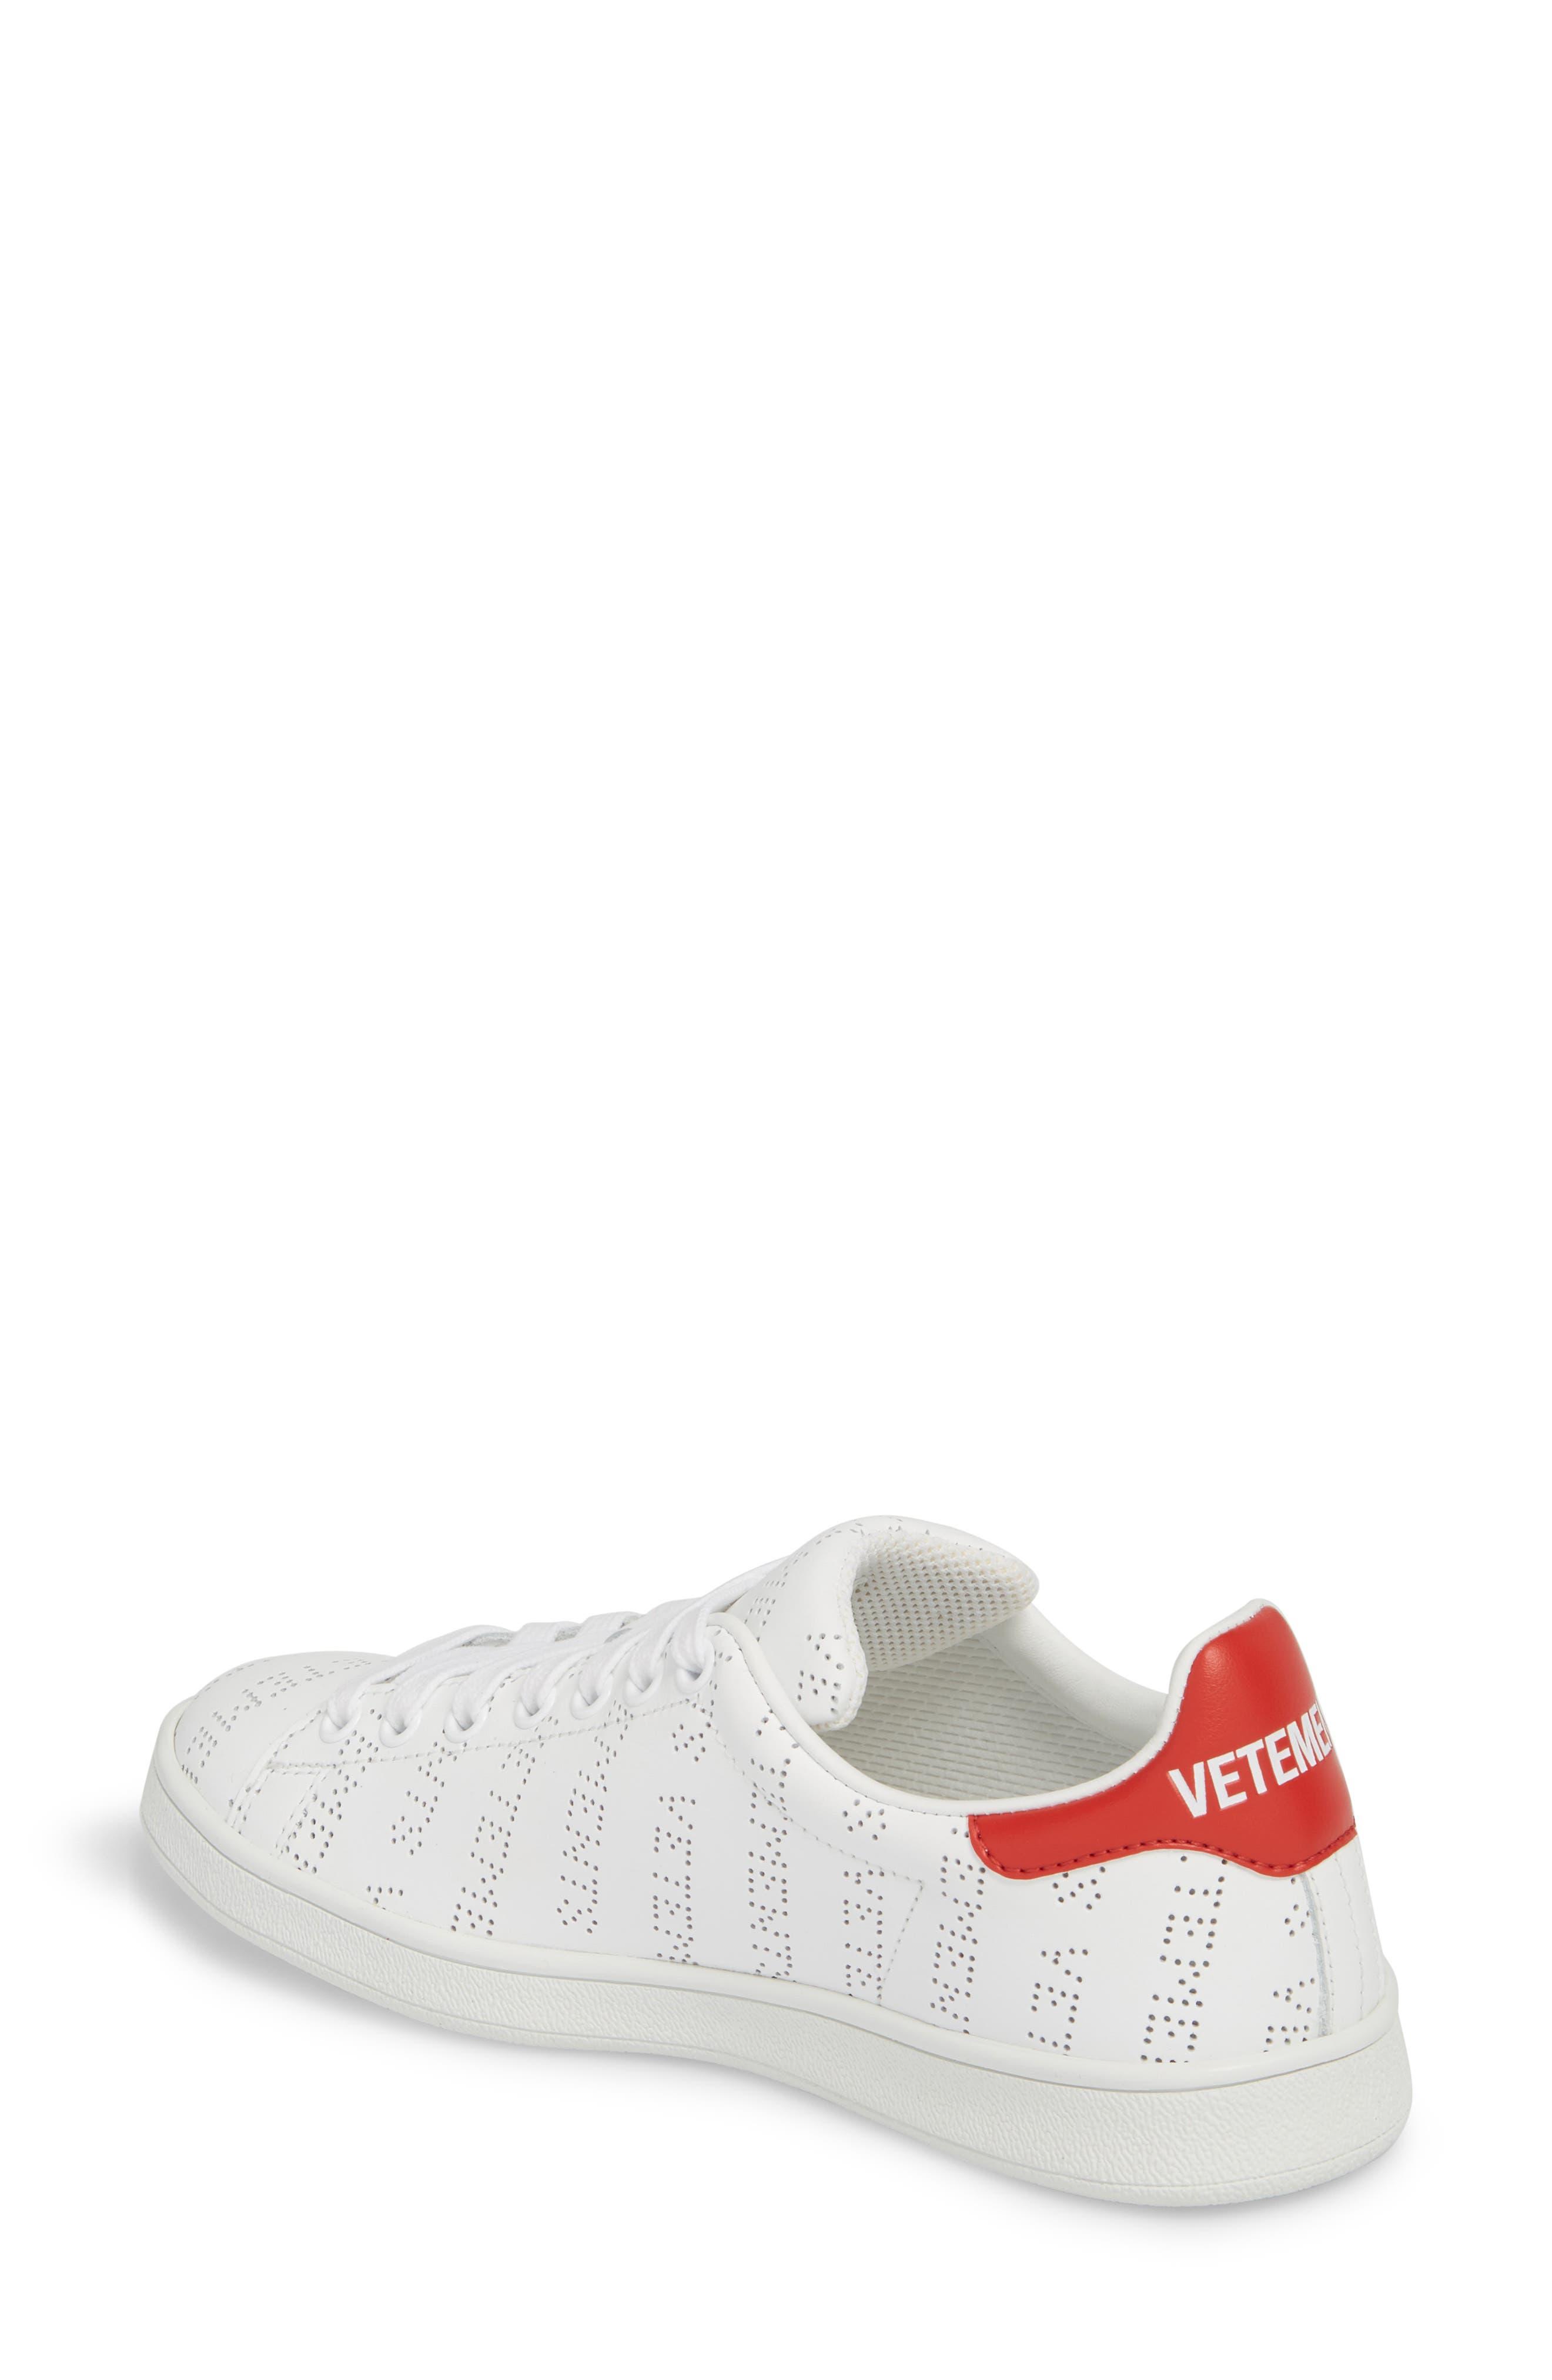 1dc3c28d036 Women s Vetements Designer Shoes